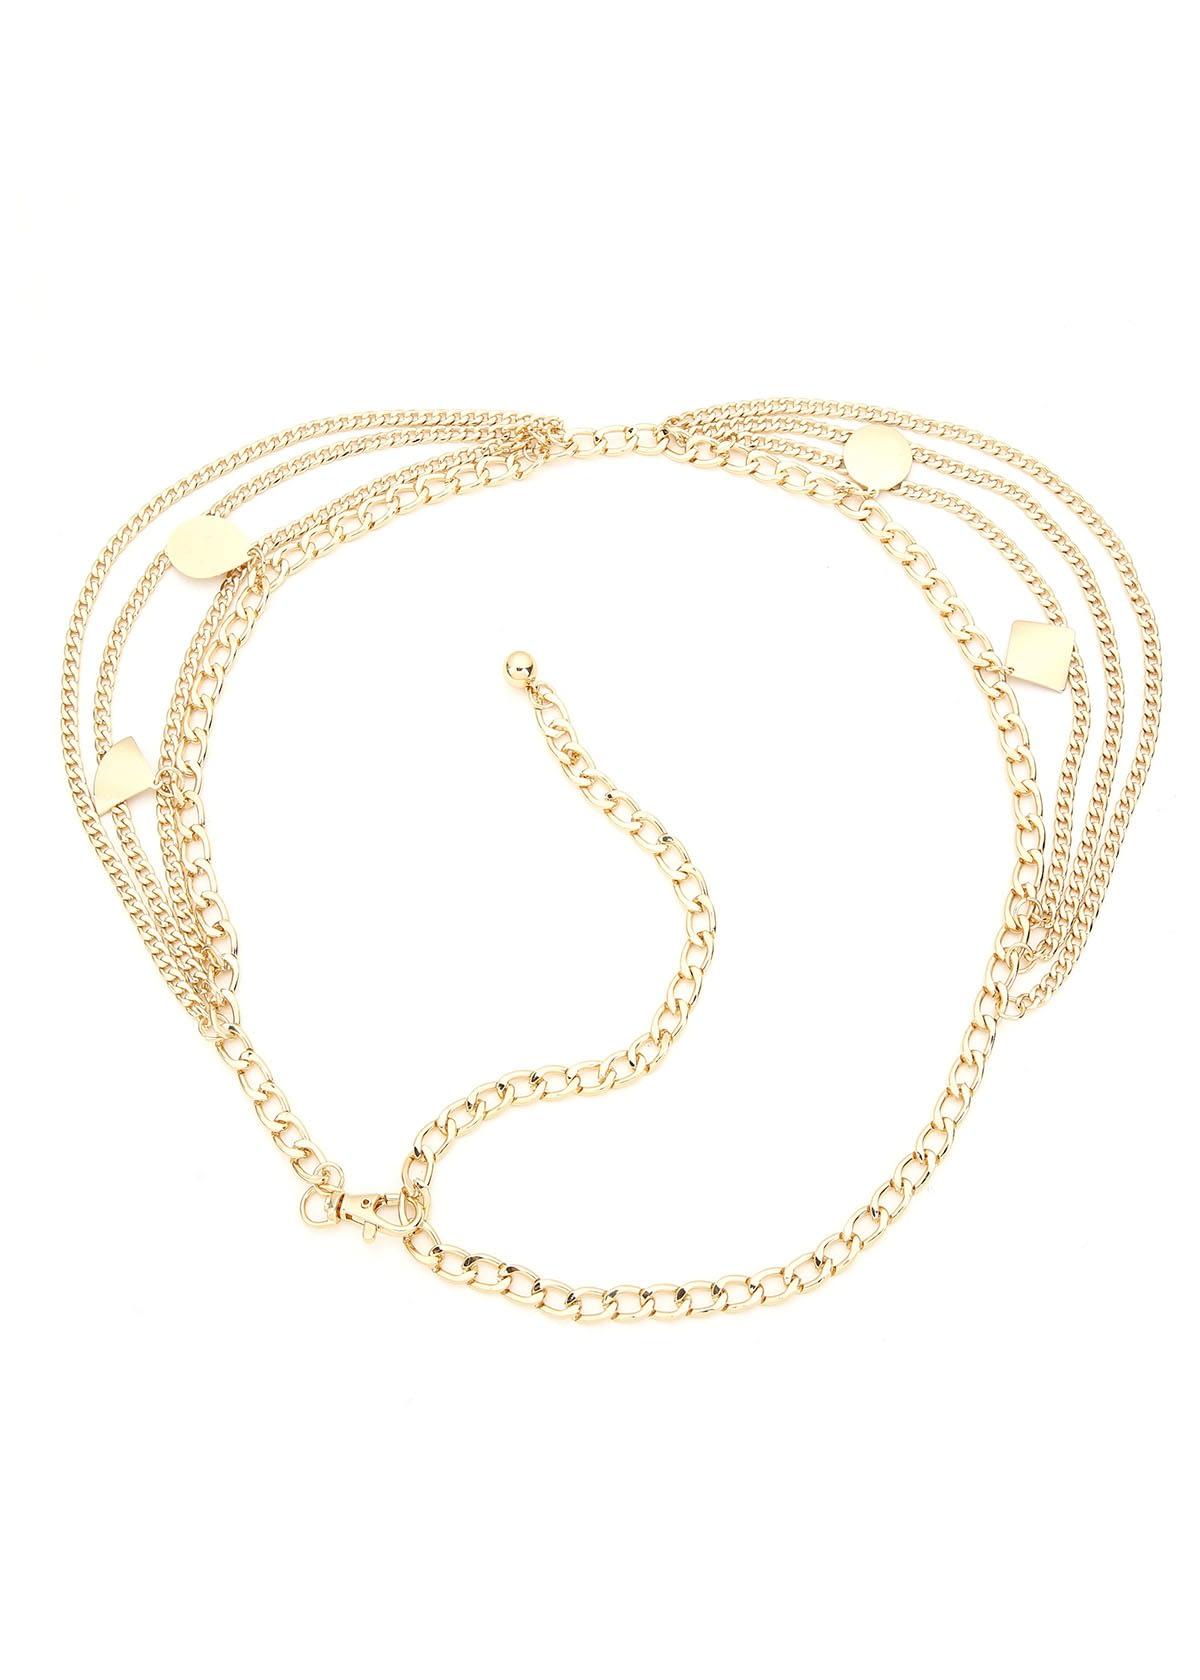 Chain belt coins